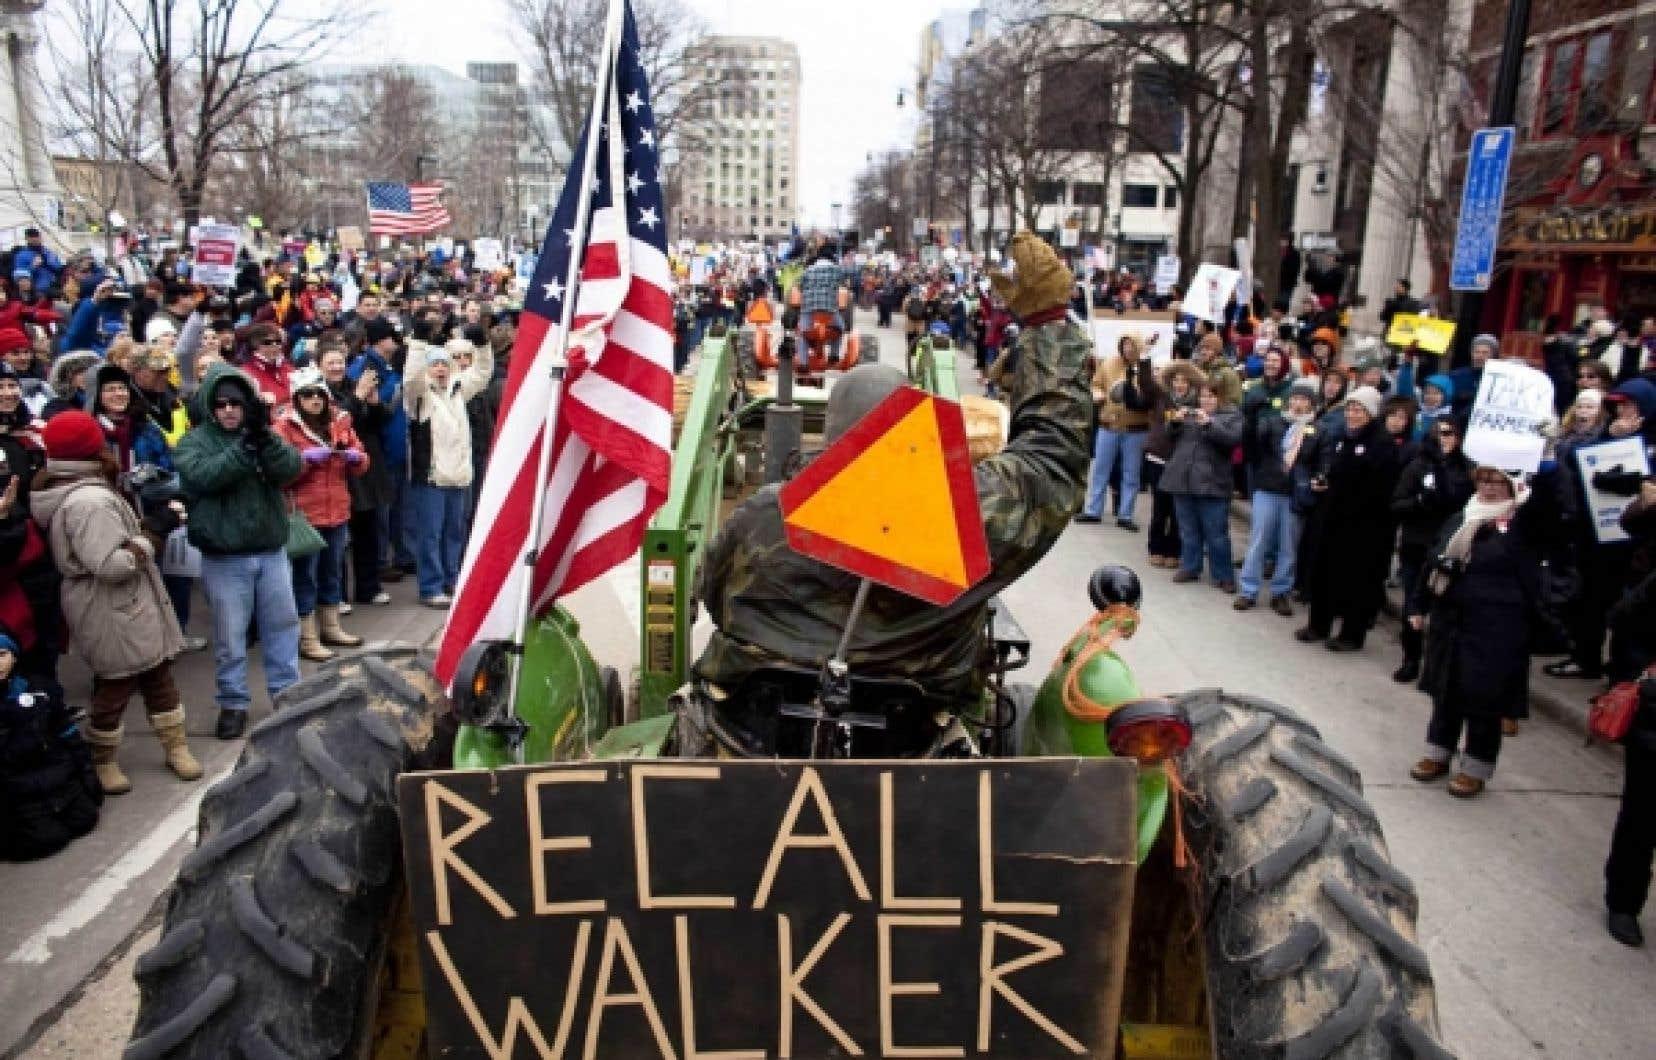 Des dizaines de fermiers montés sur leurs tracteurs se sont joints aux manifestants qui se dirigeaient vers le parlement du Wisconsin, samedi. <br />